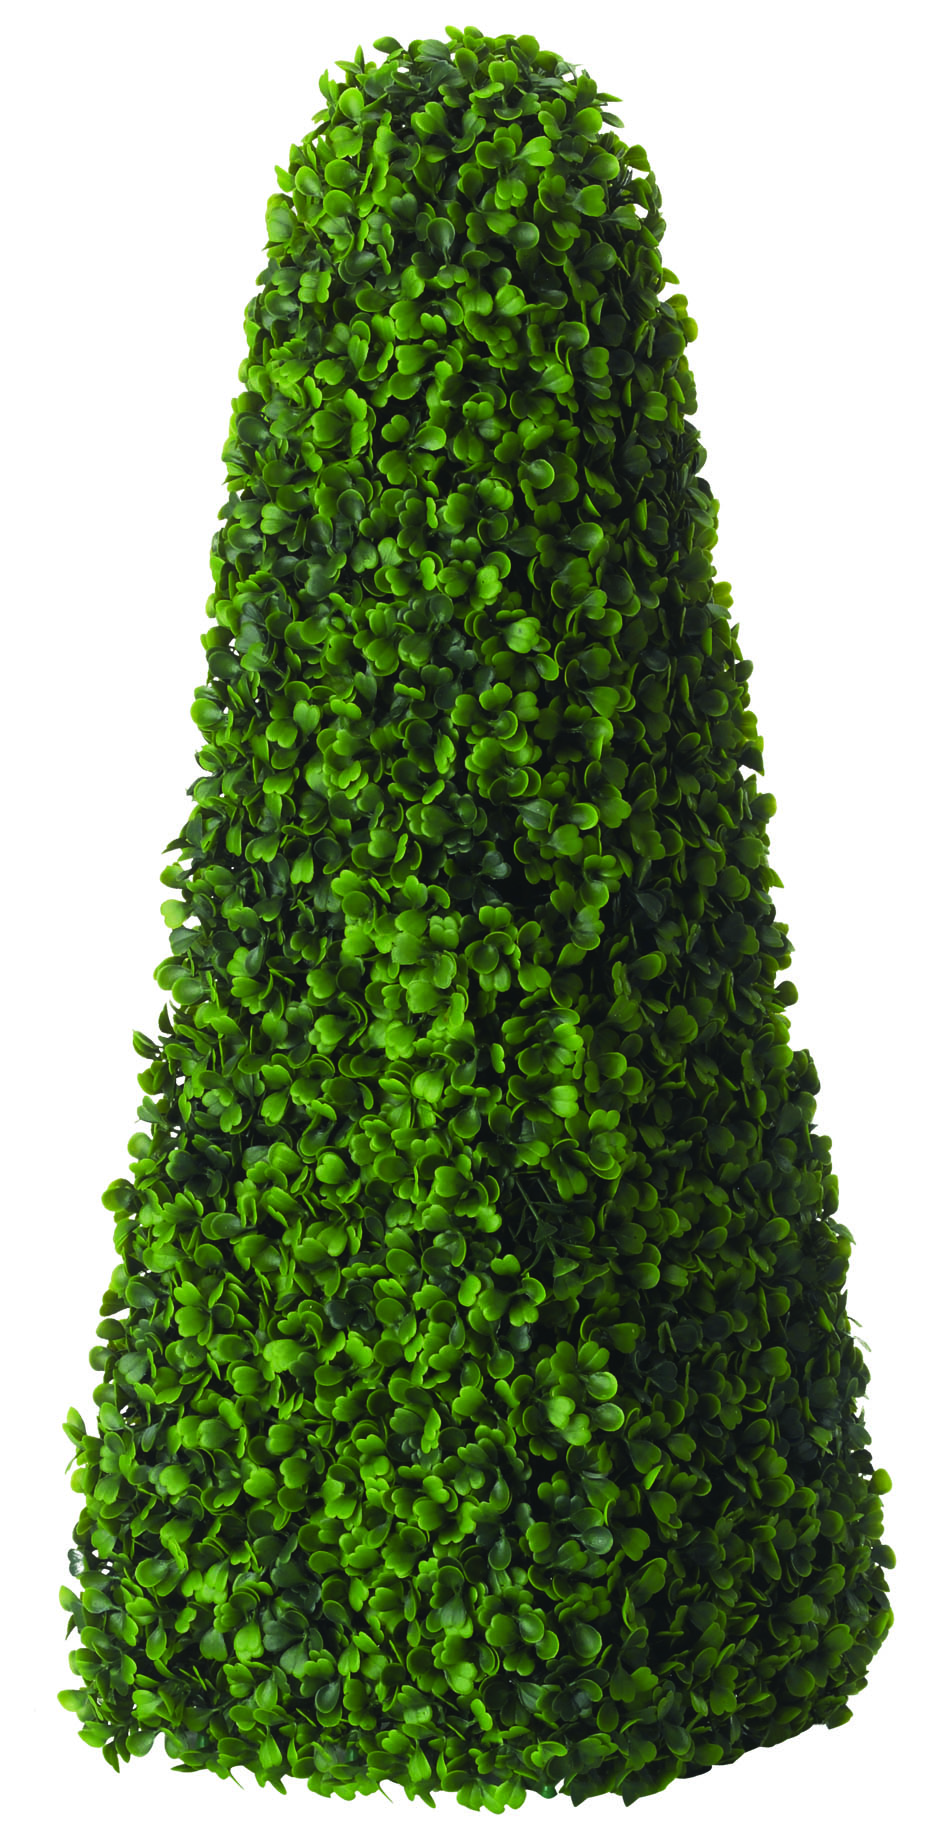 Топиарий GardmanФигуры садовые<br>Тип установки: настольный,<br>Материал: пластмасса<br>